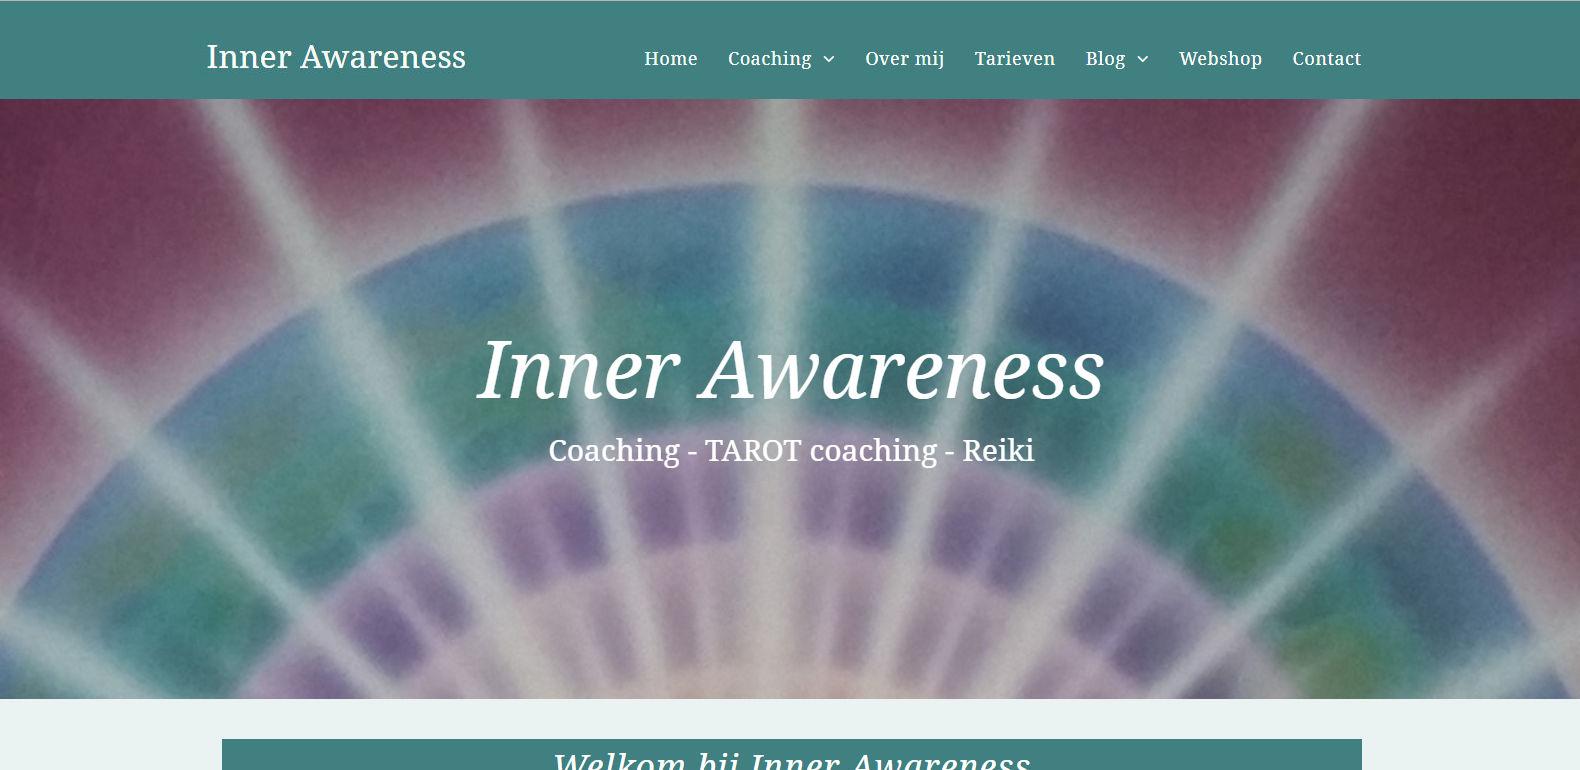 Inner-Awareness